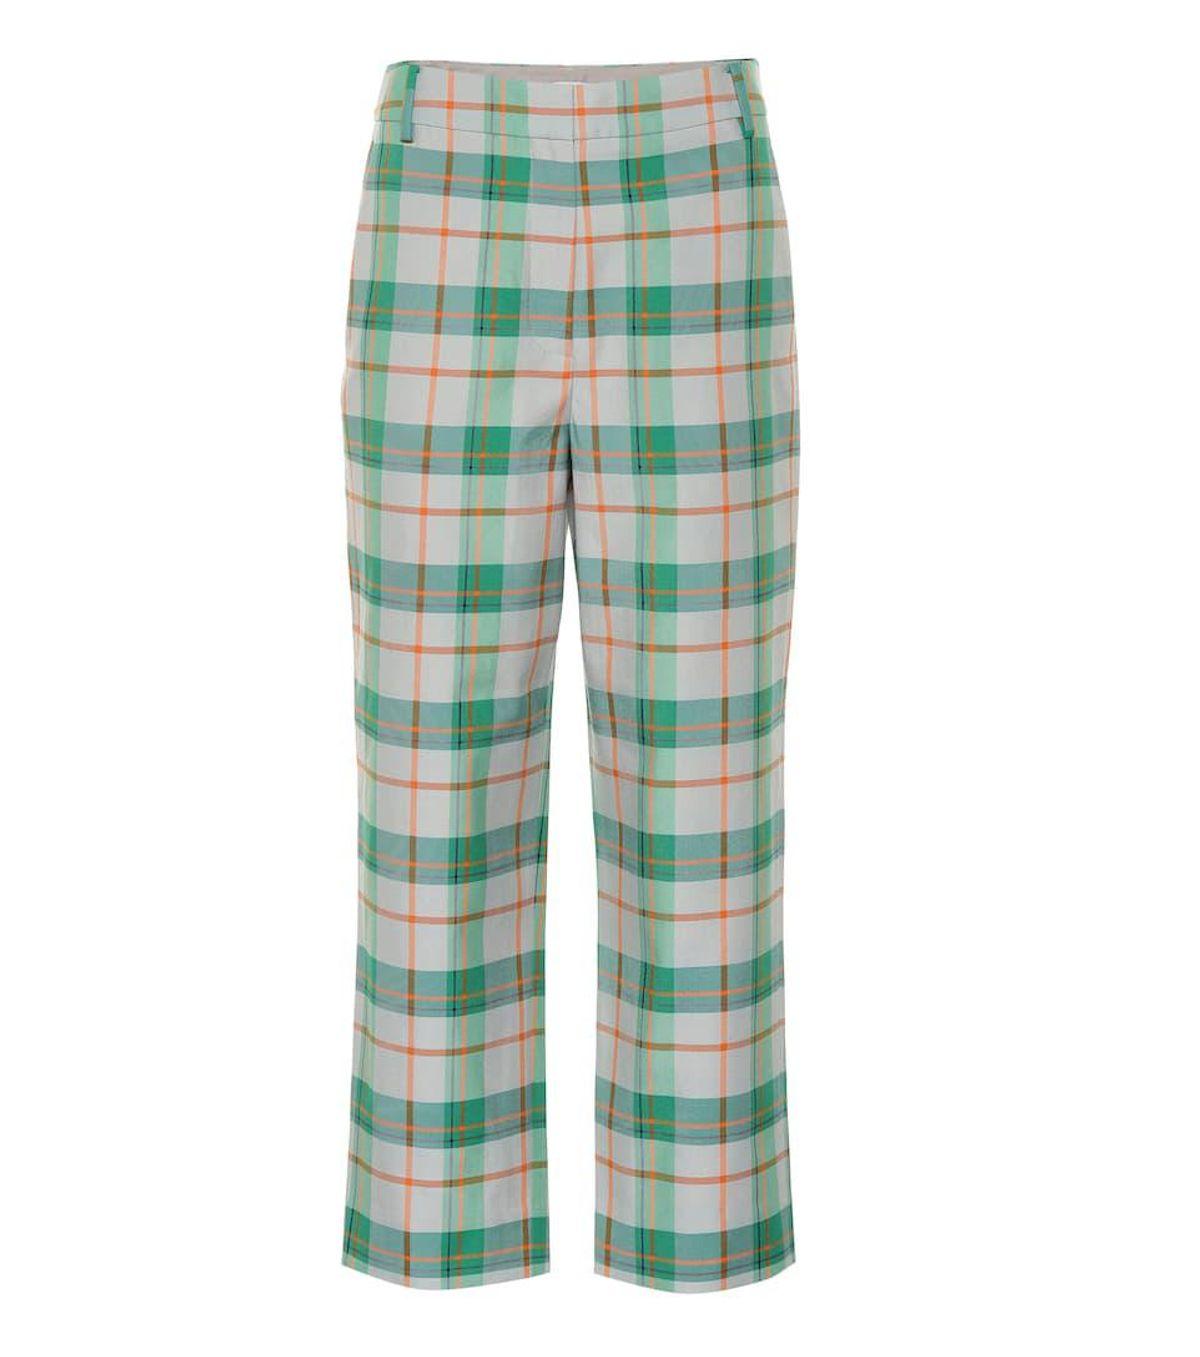 Plaid Cotton Blend Pants